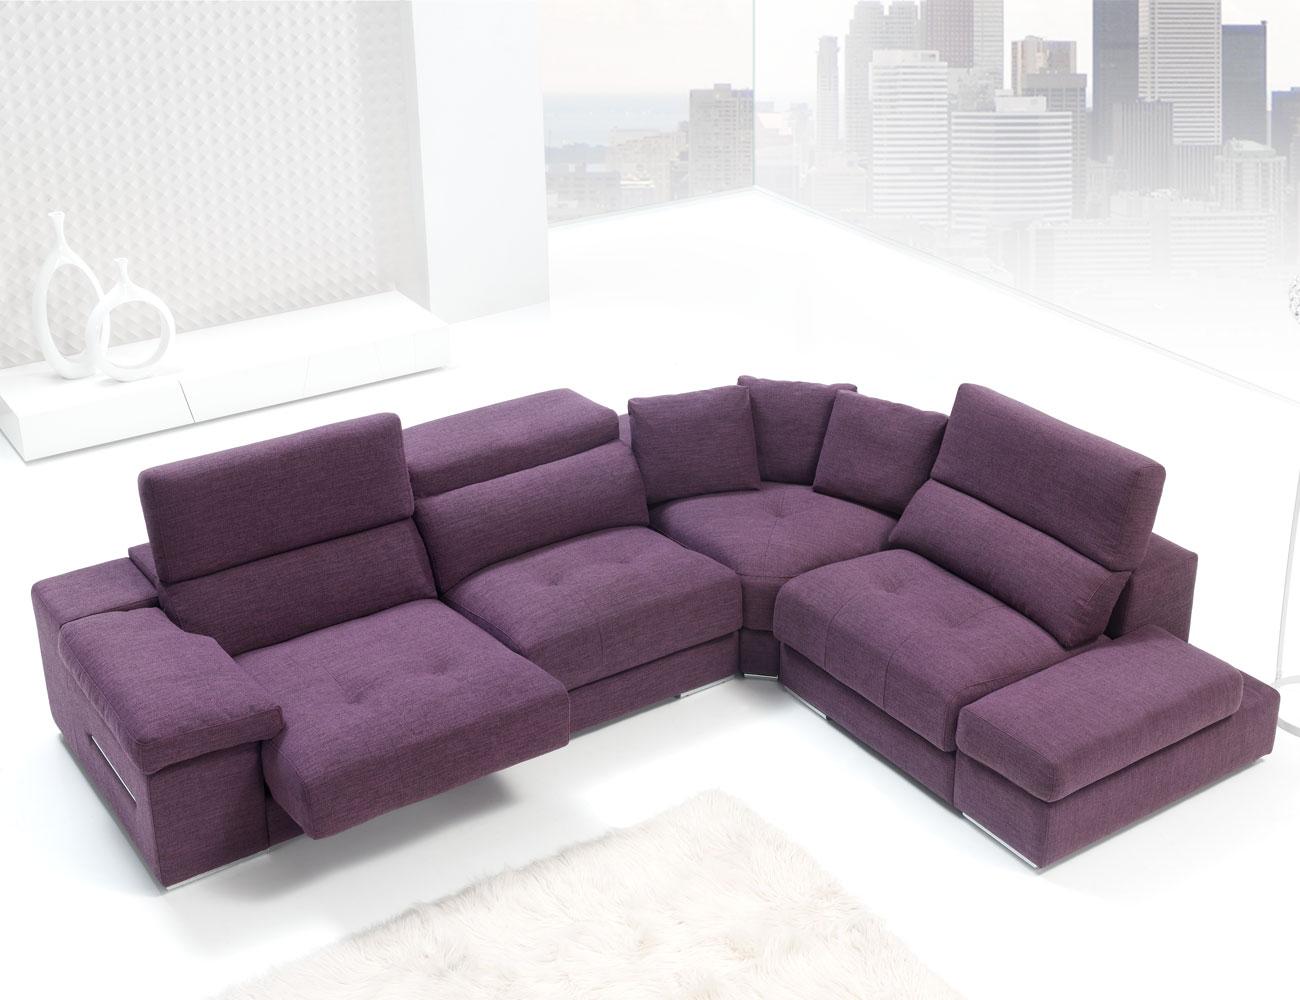 Sofa chaiselongue rincon con brazo mecanico tejido anti manchas 238